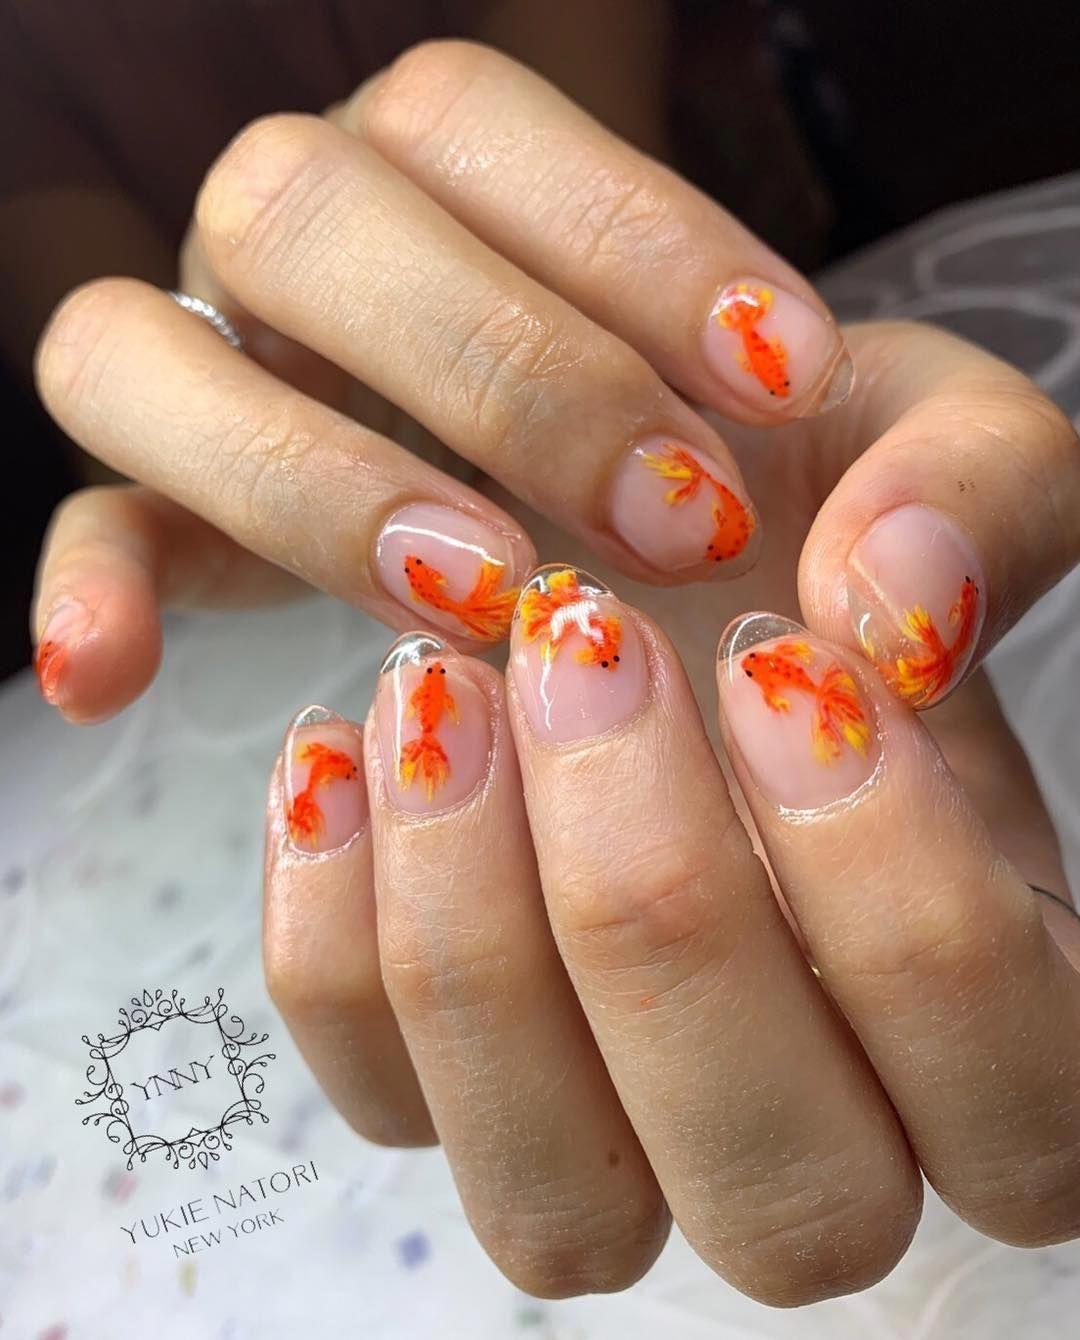 Yukie Natori Ny Spa Salon On Instagram New Spring Nail Design By Yukari Nail Nails Nailsalon Ny Nyc Yukieb Pretty Acrylic Nails Nails Dream Nails